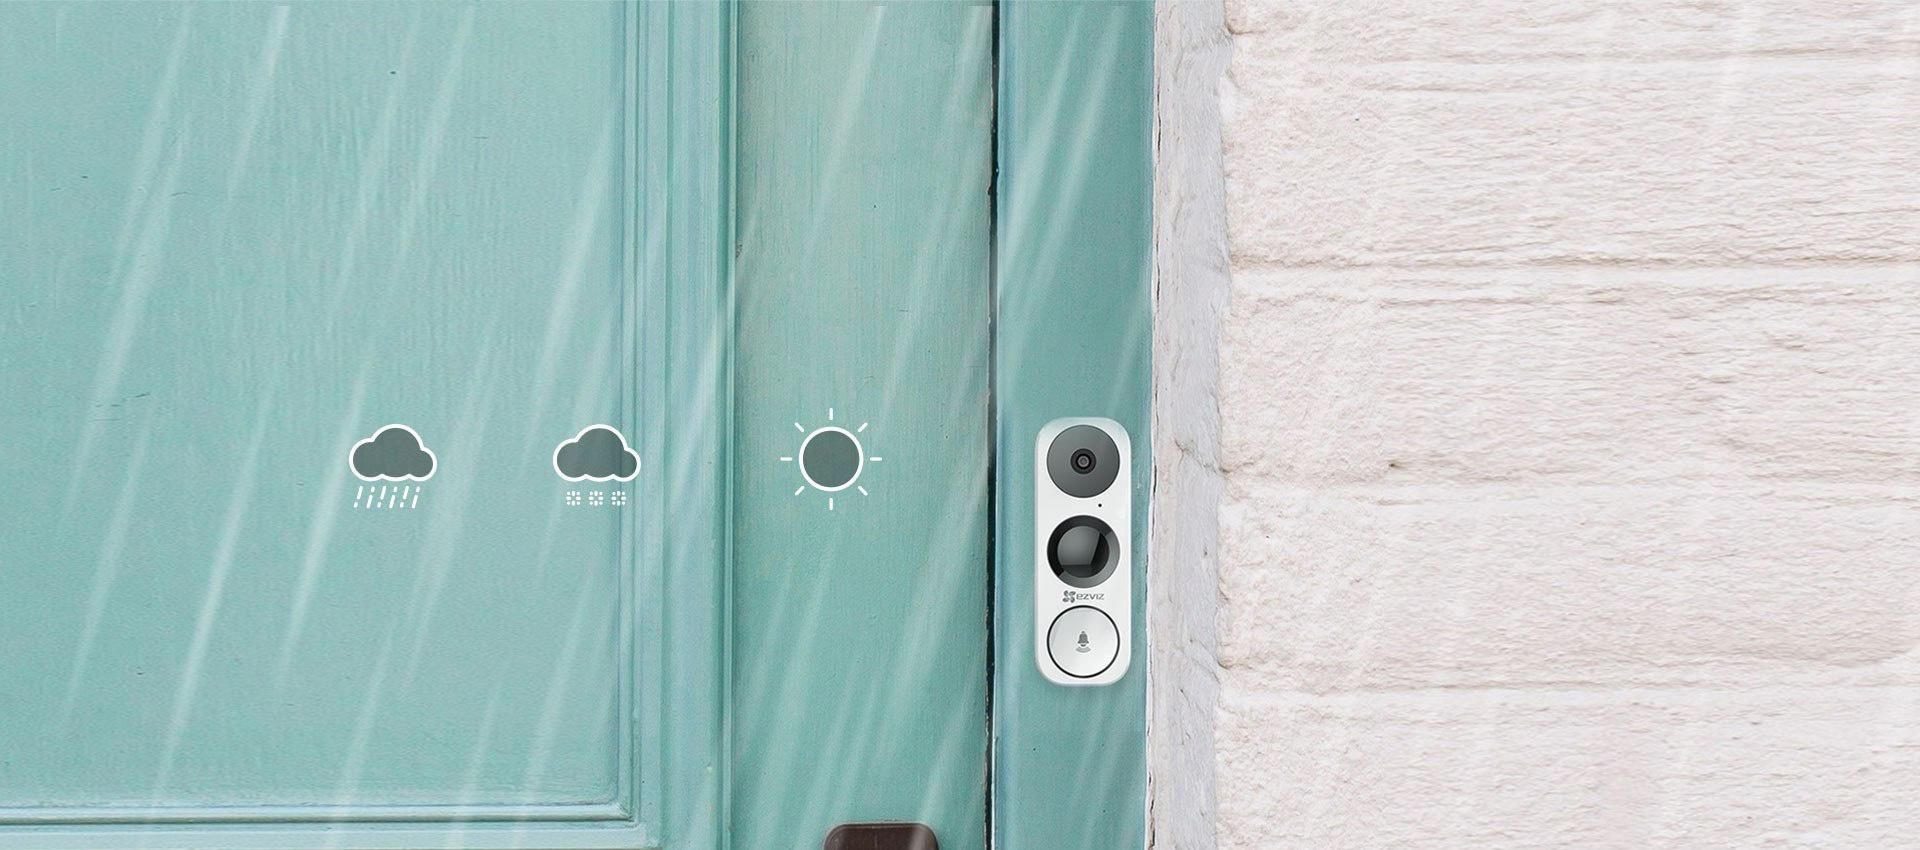 Camera chuông Ezviz thiết kế thông minh, chịu nhiều điều kiện thời tiết